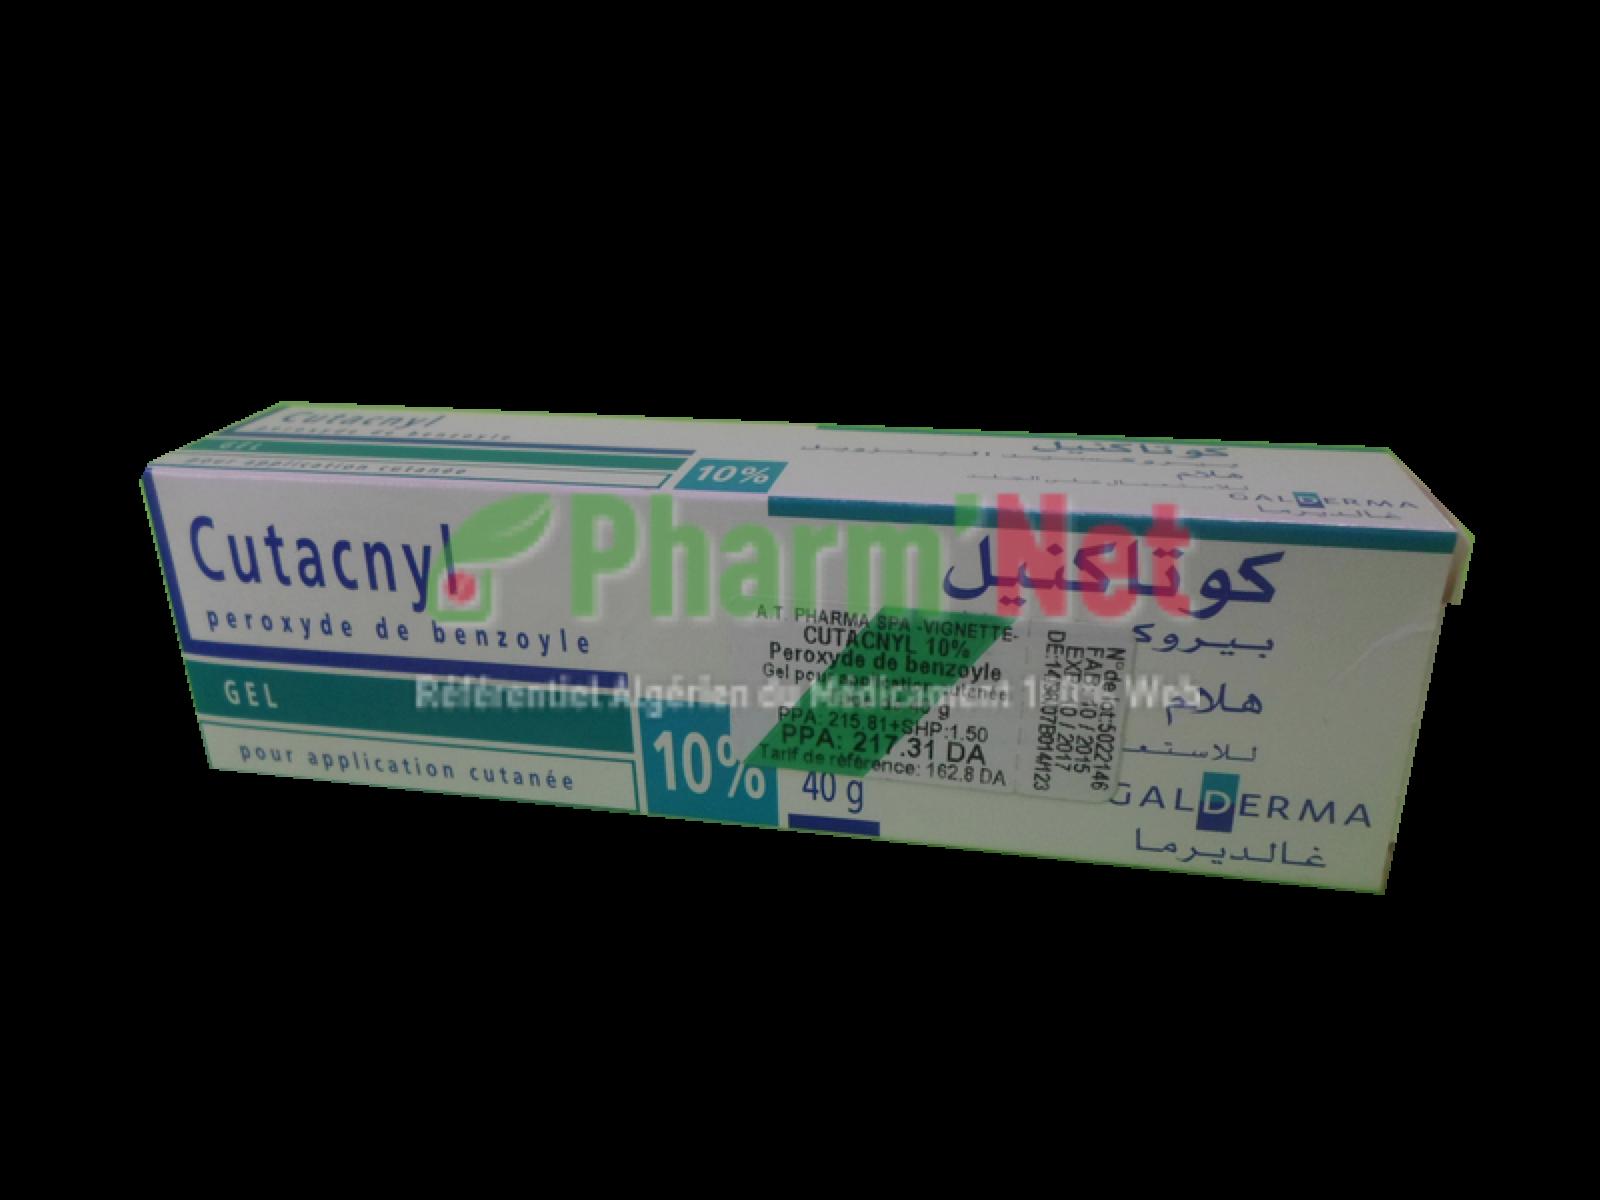 DERMATOLOGIE | PharmNet - Encyclopédie des médicaments en